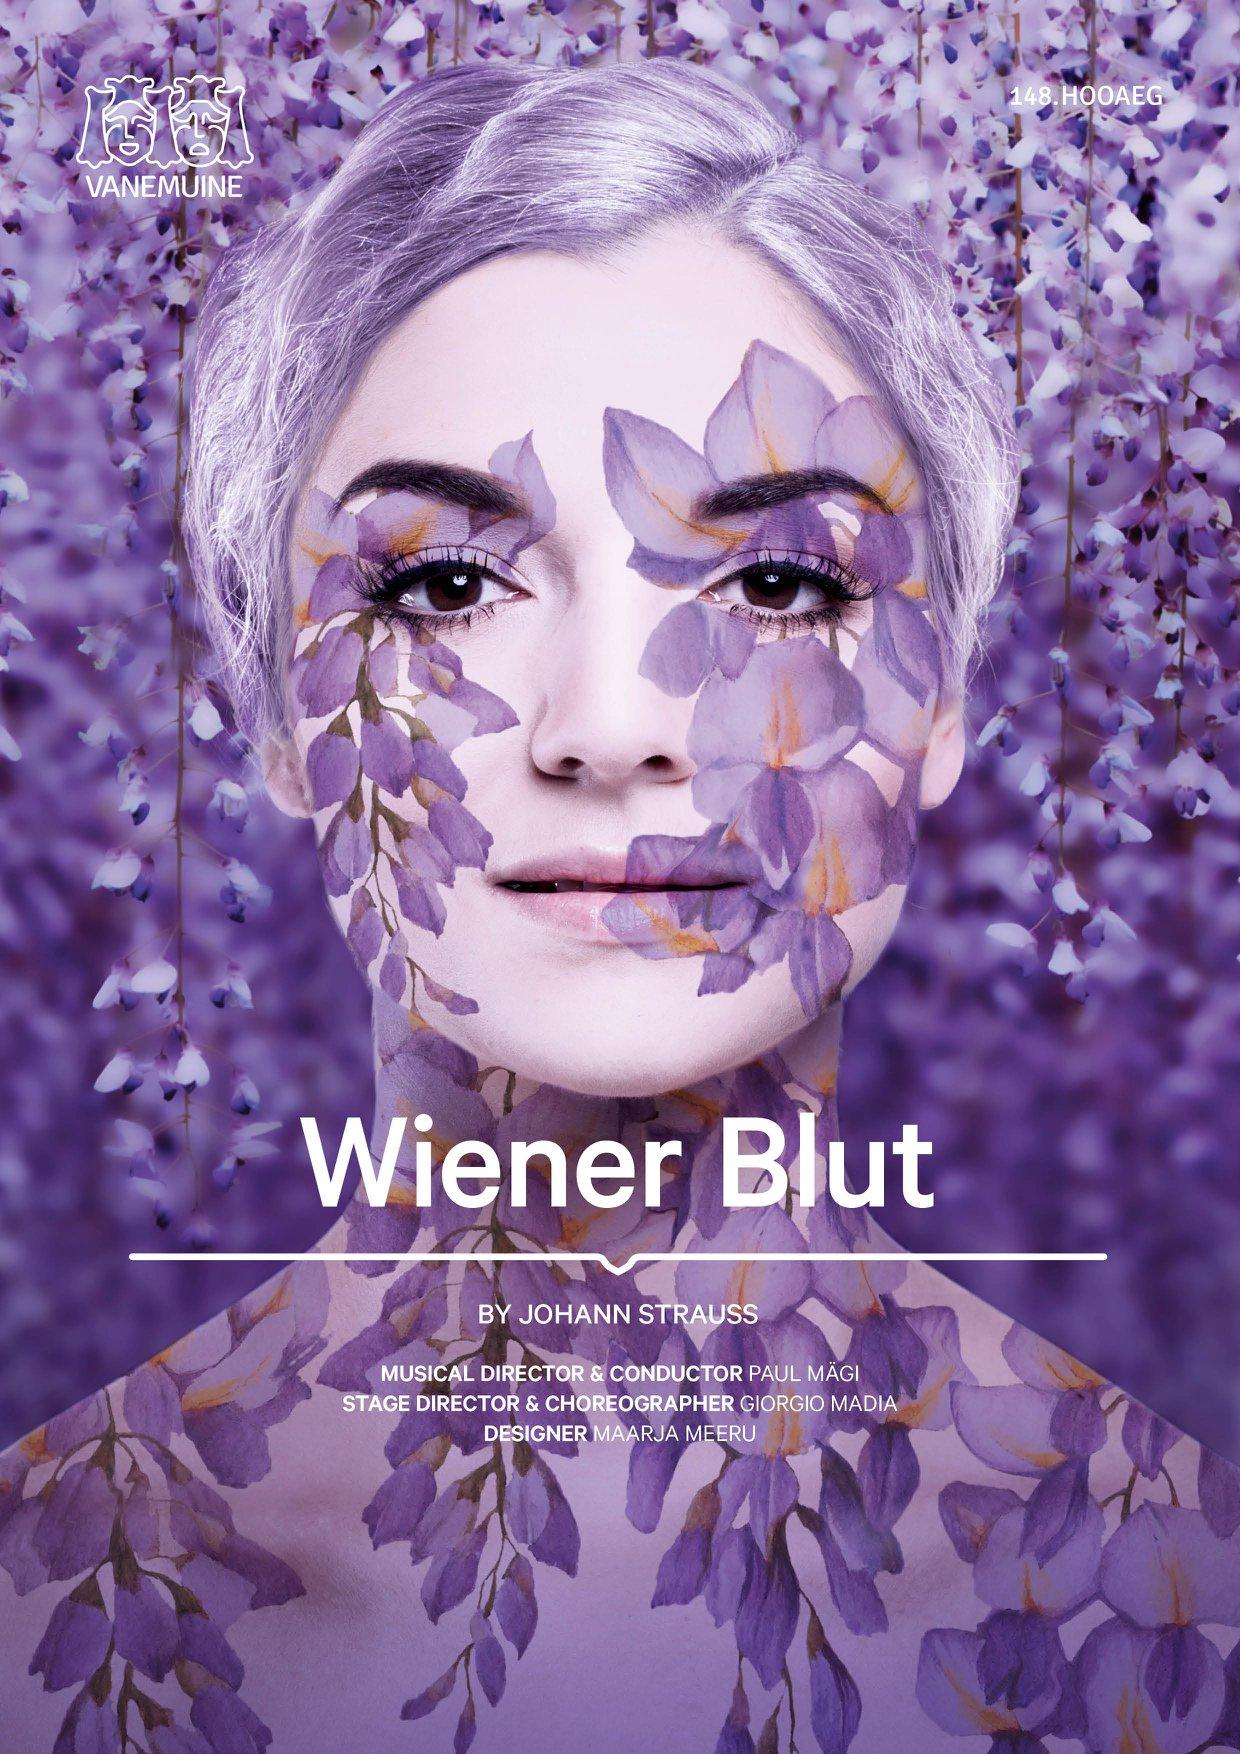 Madia_WIENER-BLUT_poster_Aide-Eendra